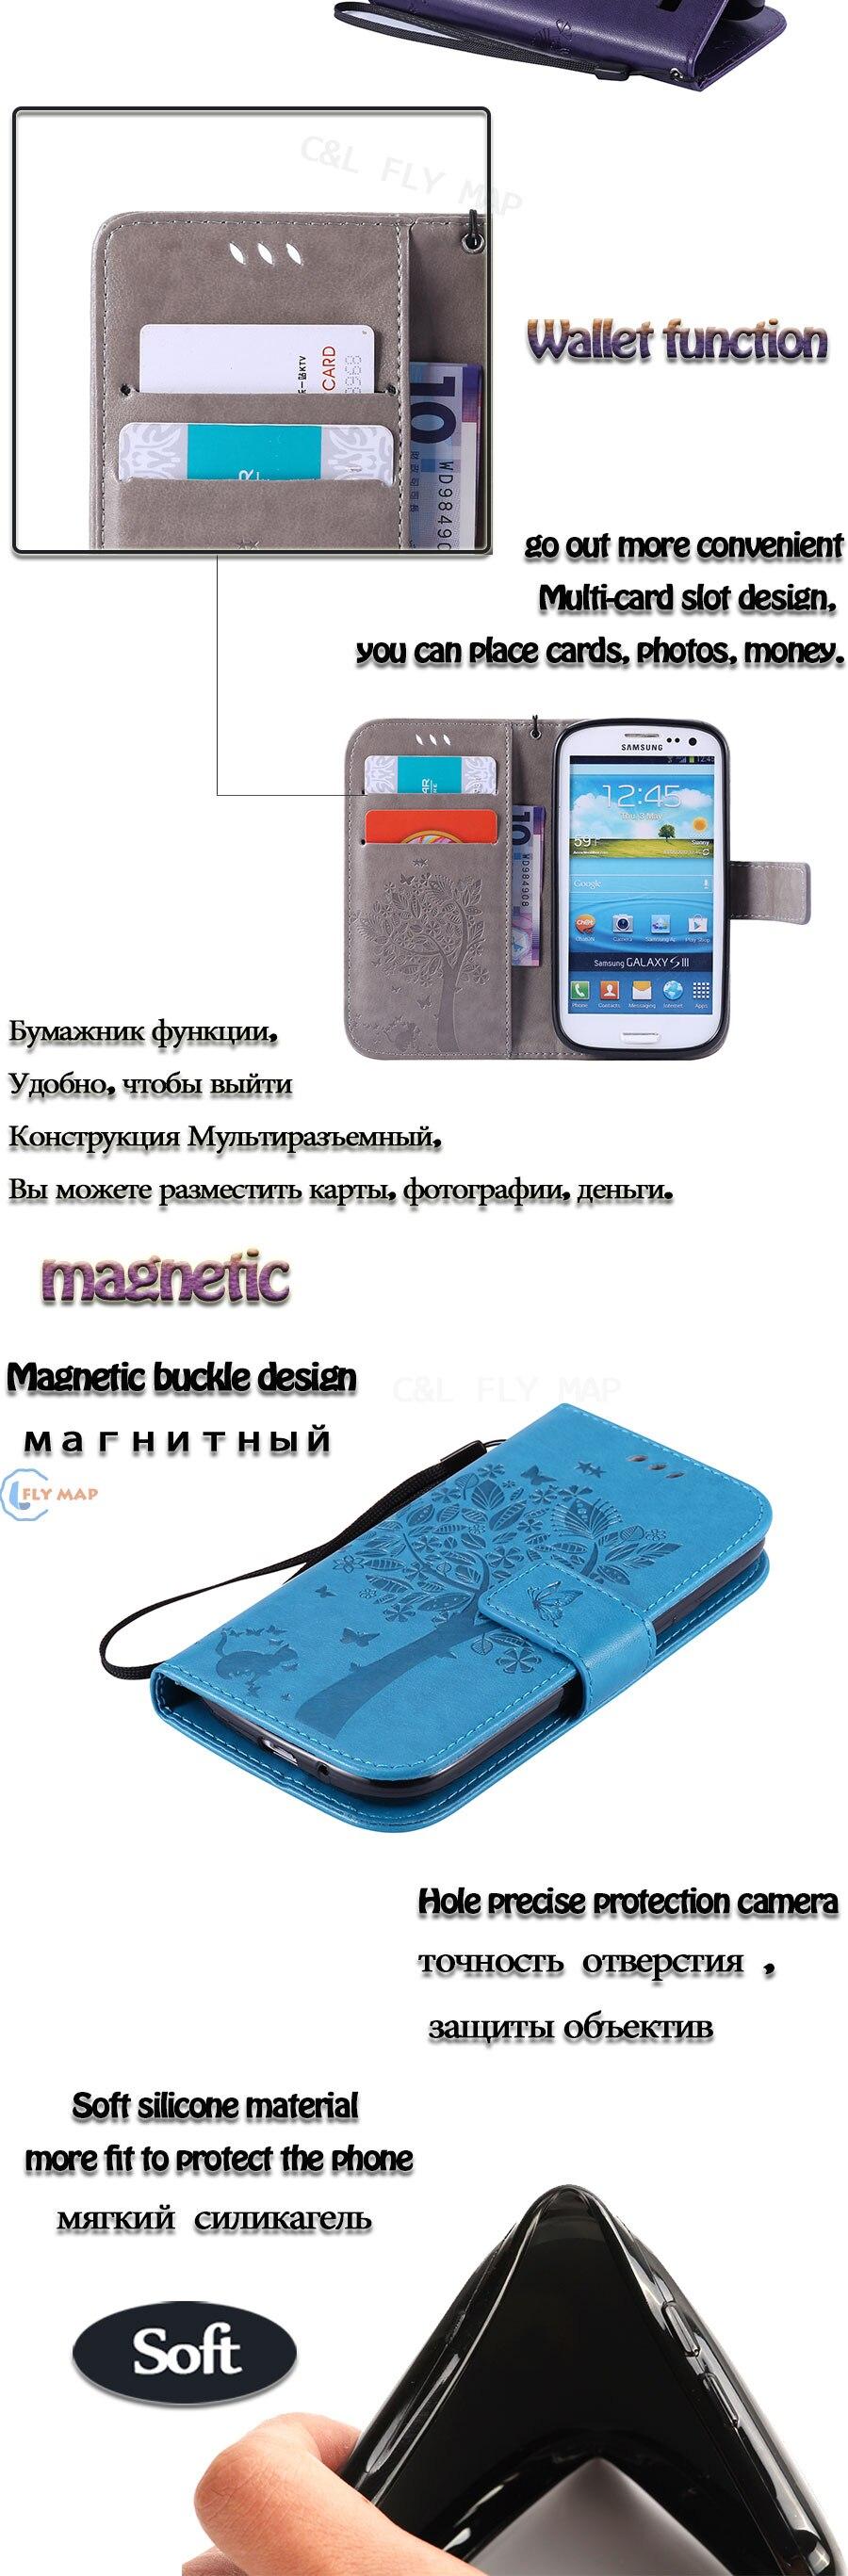 3868baa14a7 Advertencia: De acuerdo con la política rusa, los amigos rusos necesitan  rellenar el nombre completo para enviar el paquete.